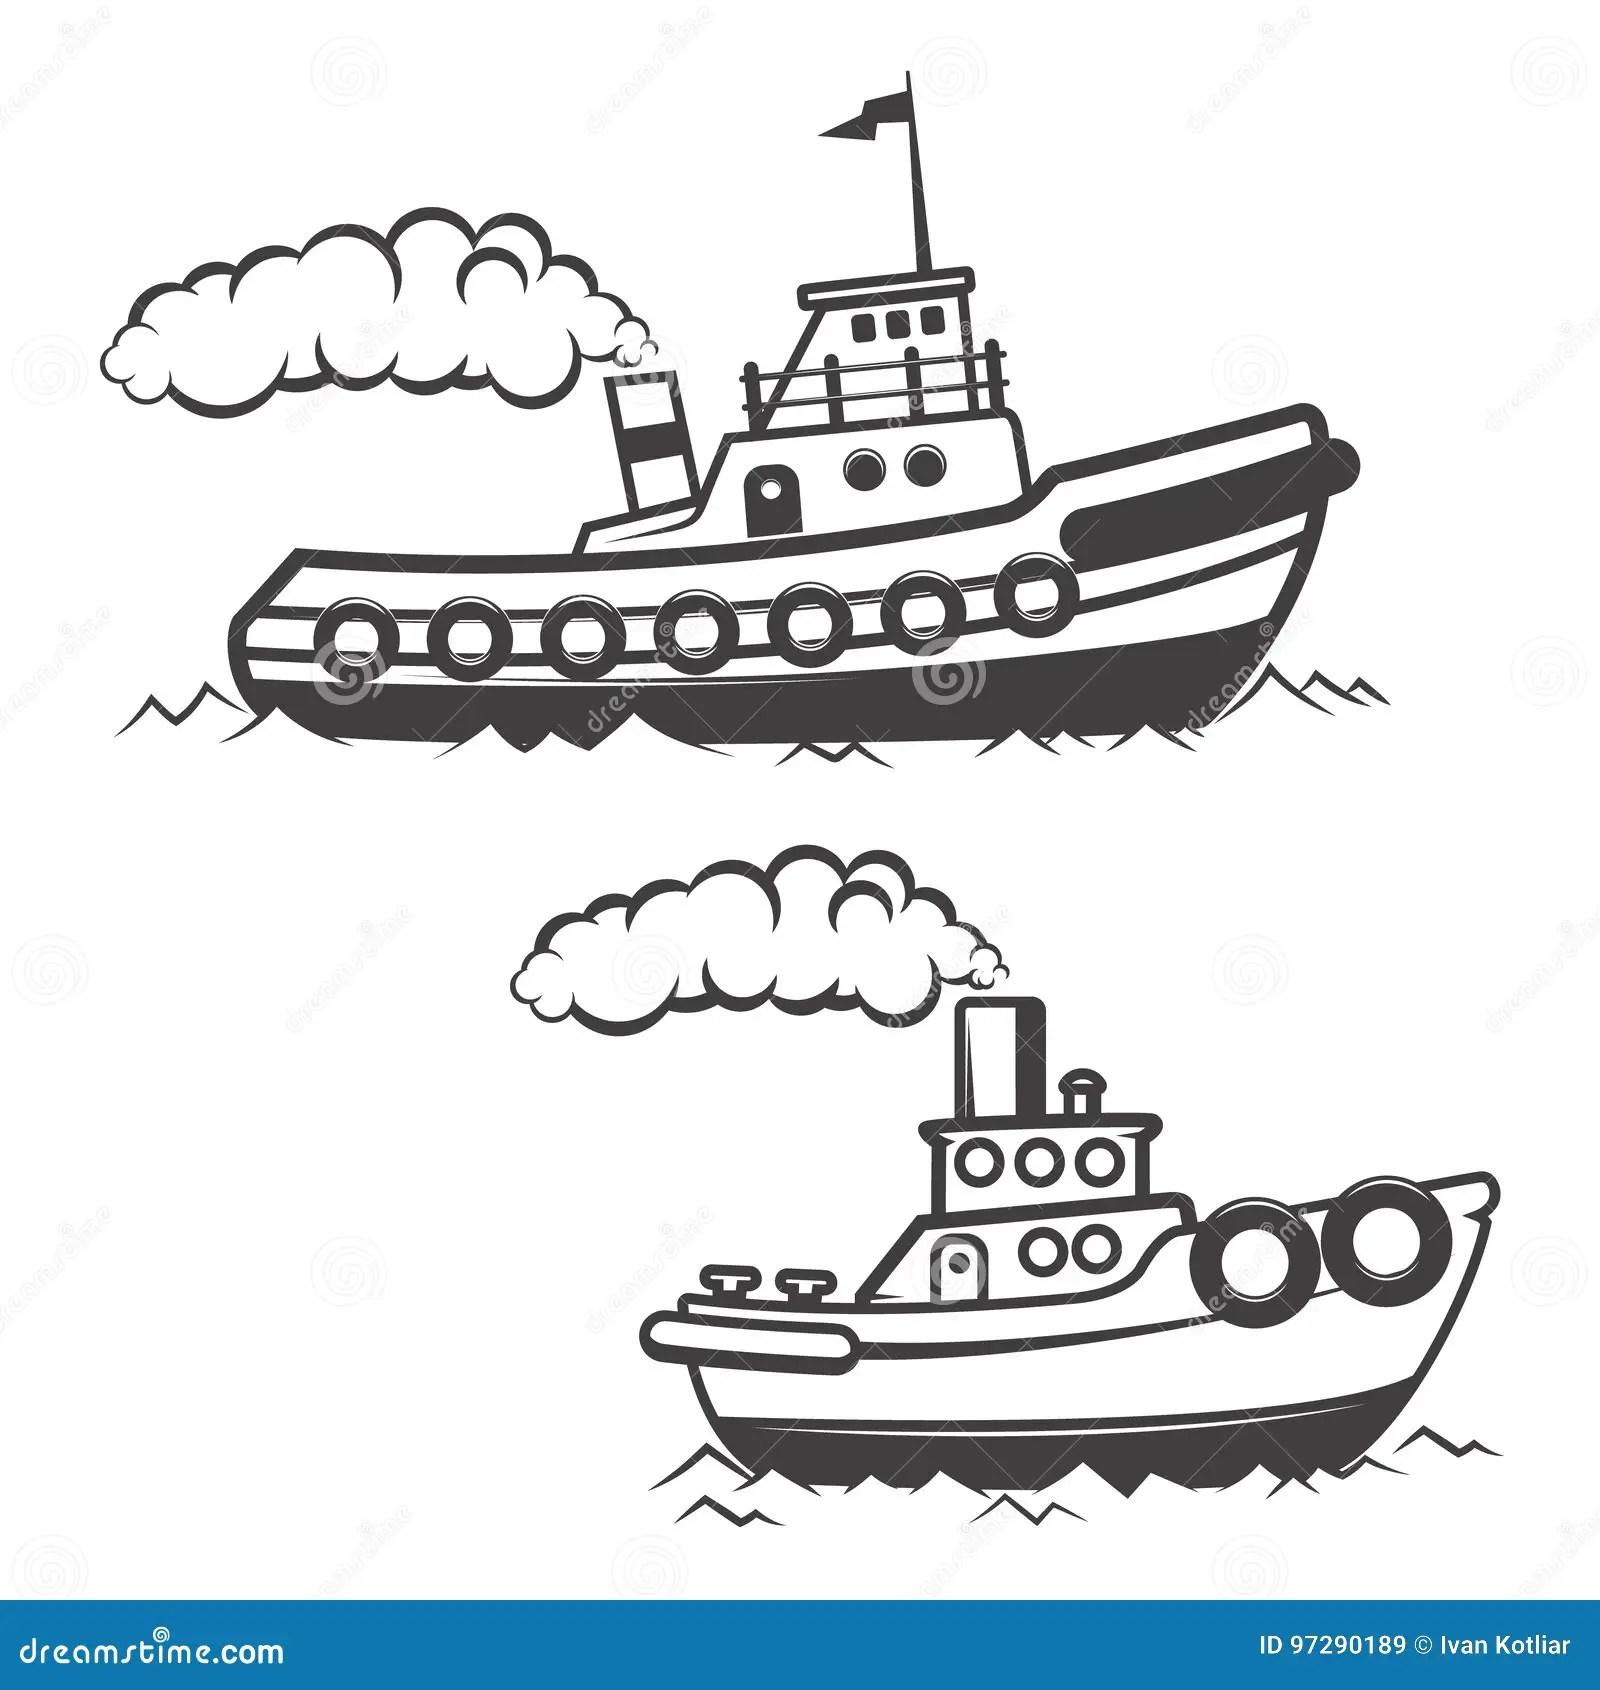 Set Of Tugboat Illustration Isolated On White Background